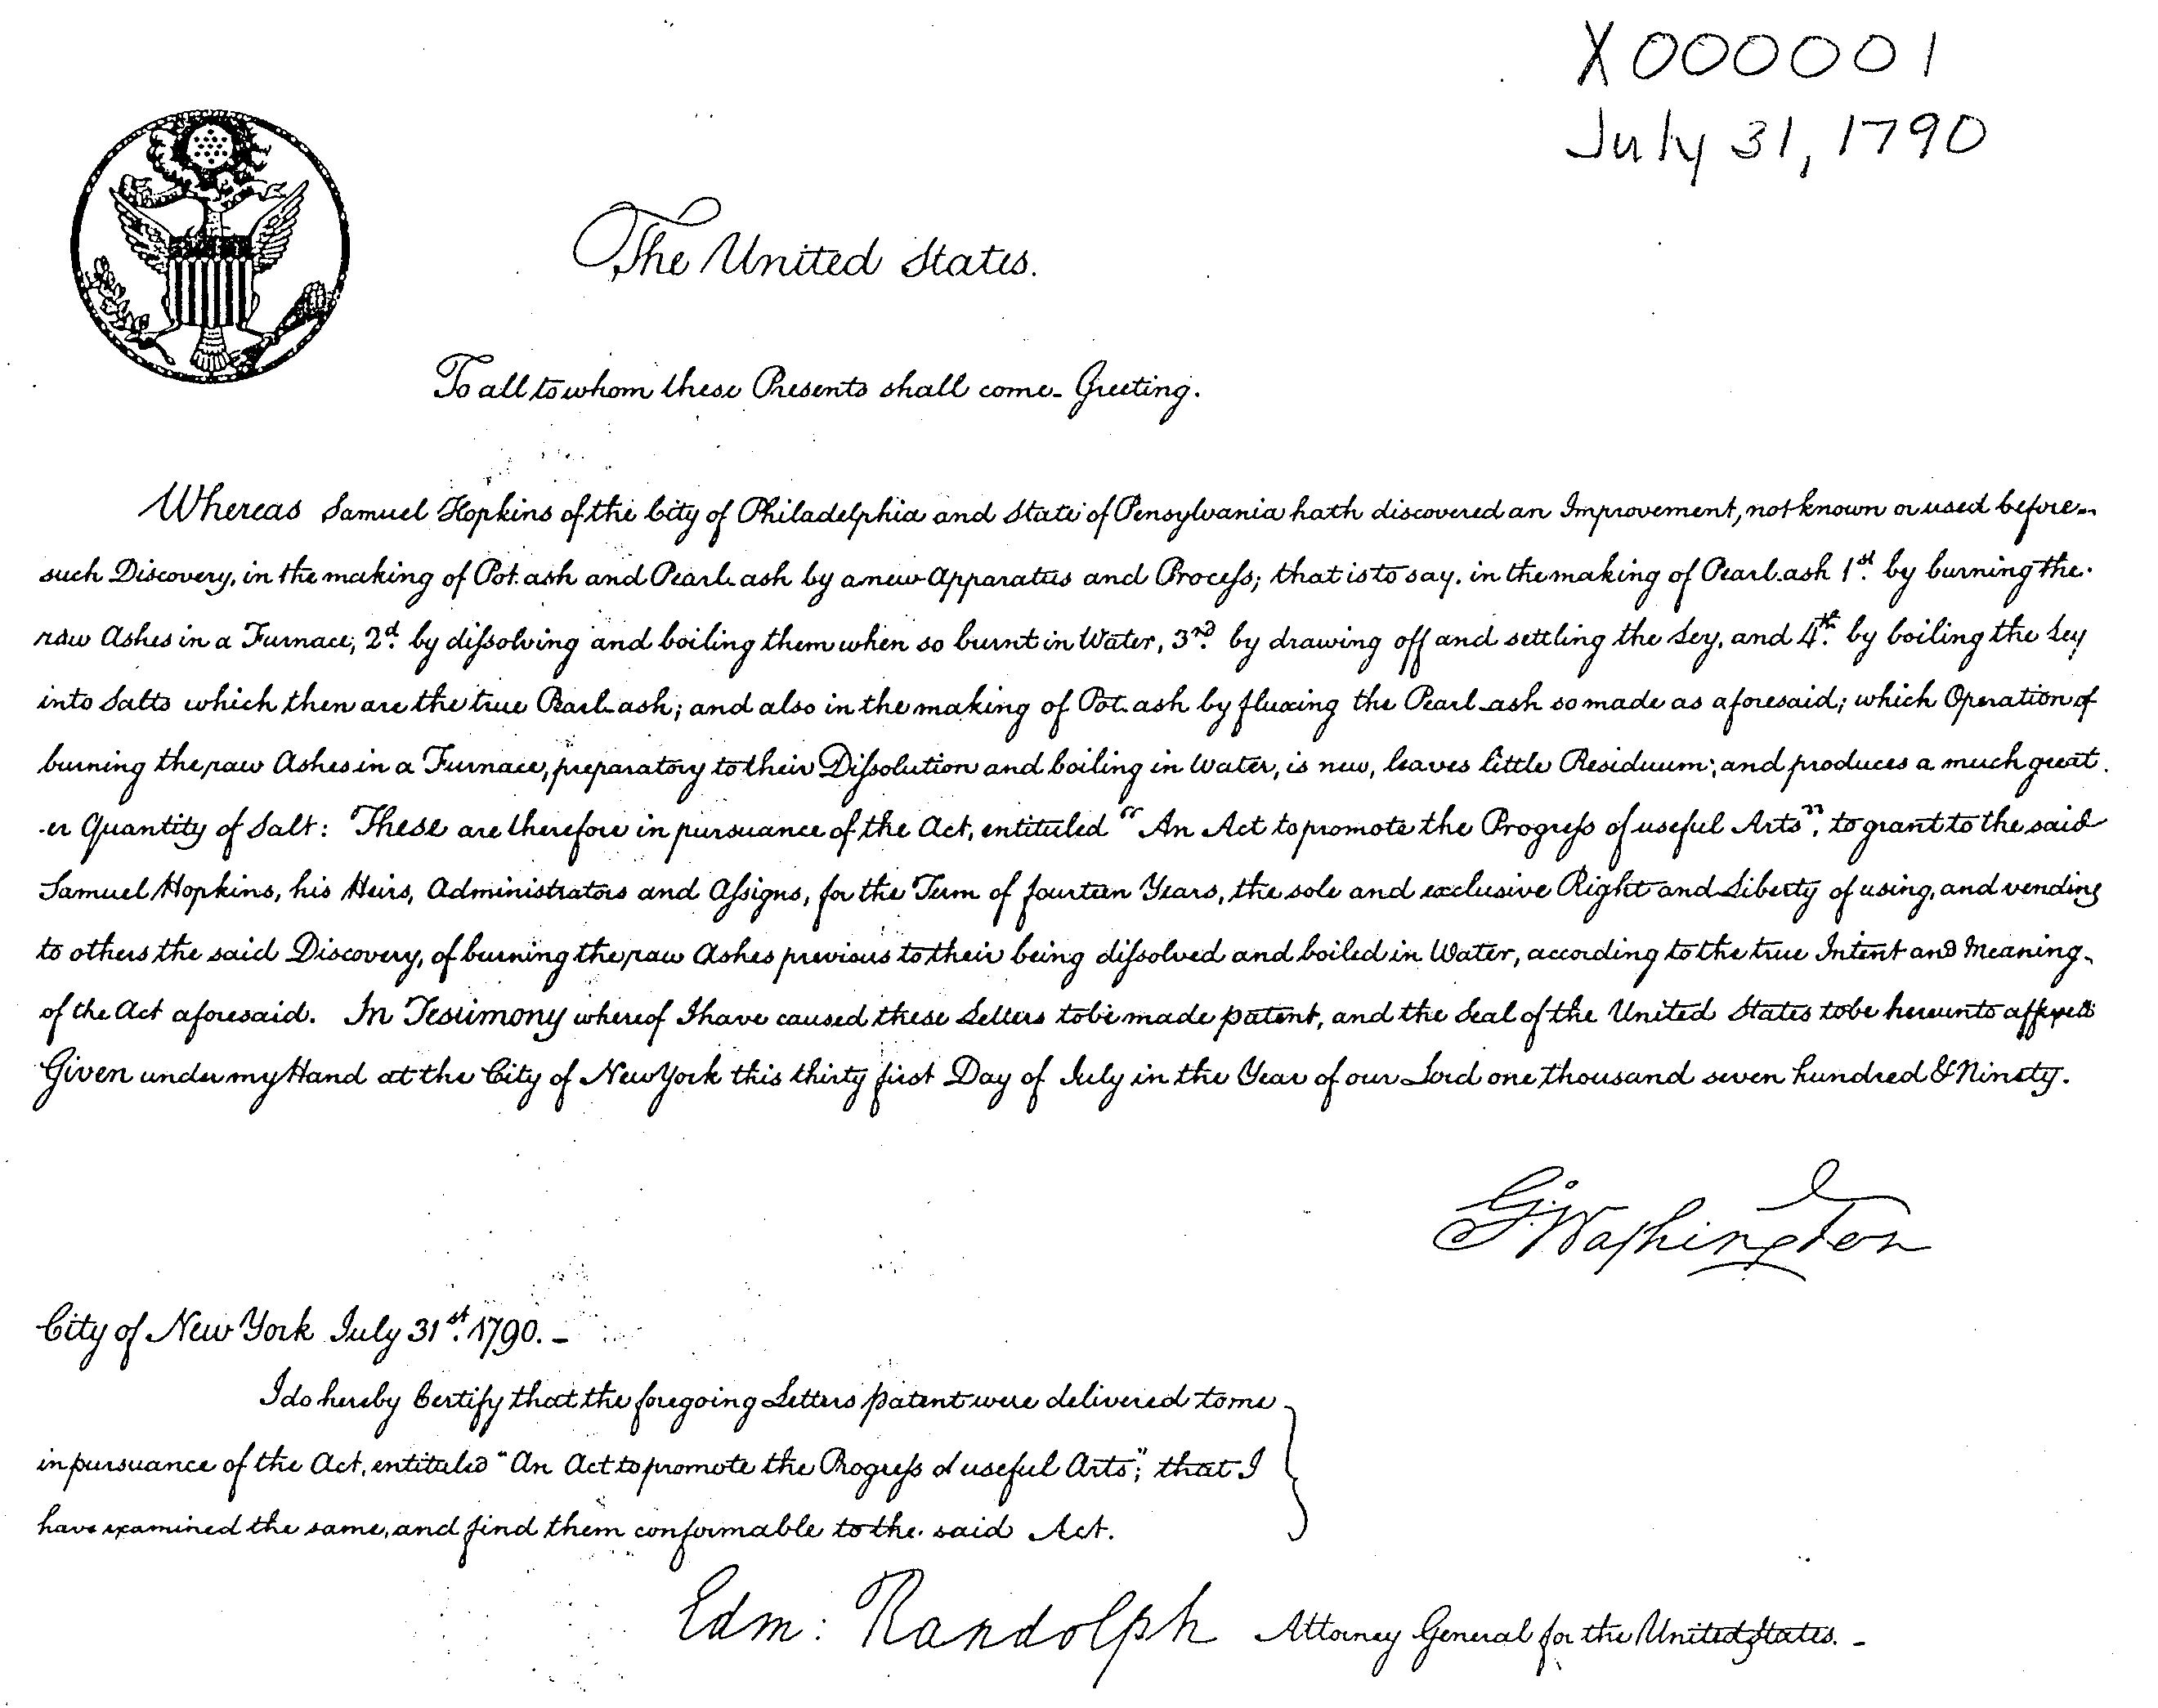 قانون گواهی ثبت اختراع در سال ۱۷۹۰ در آمریکا . مطالعه متن